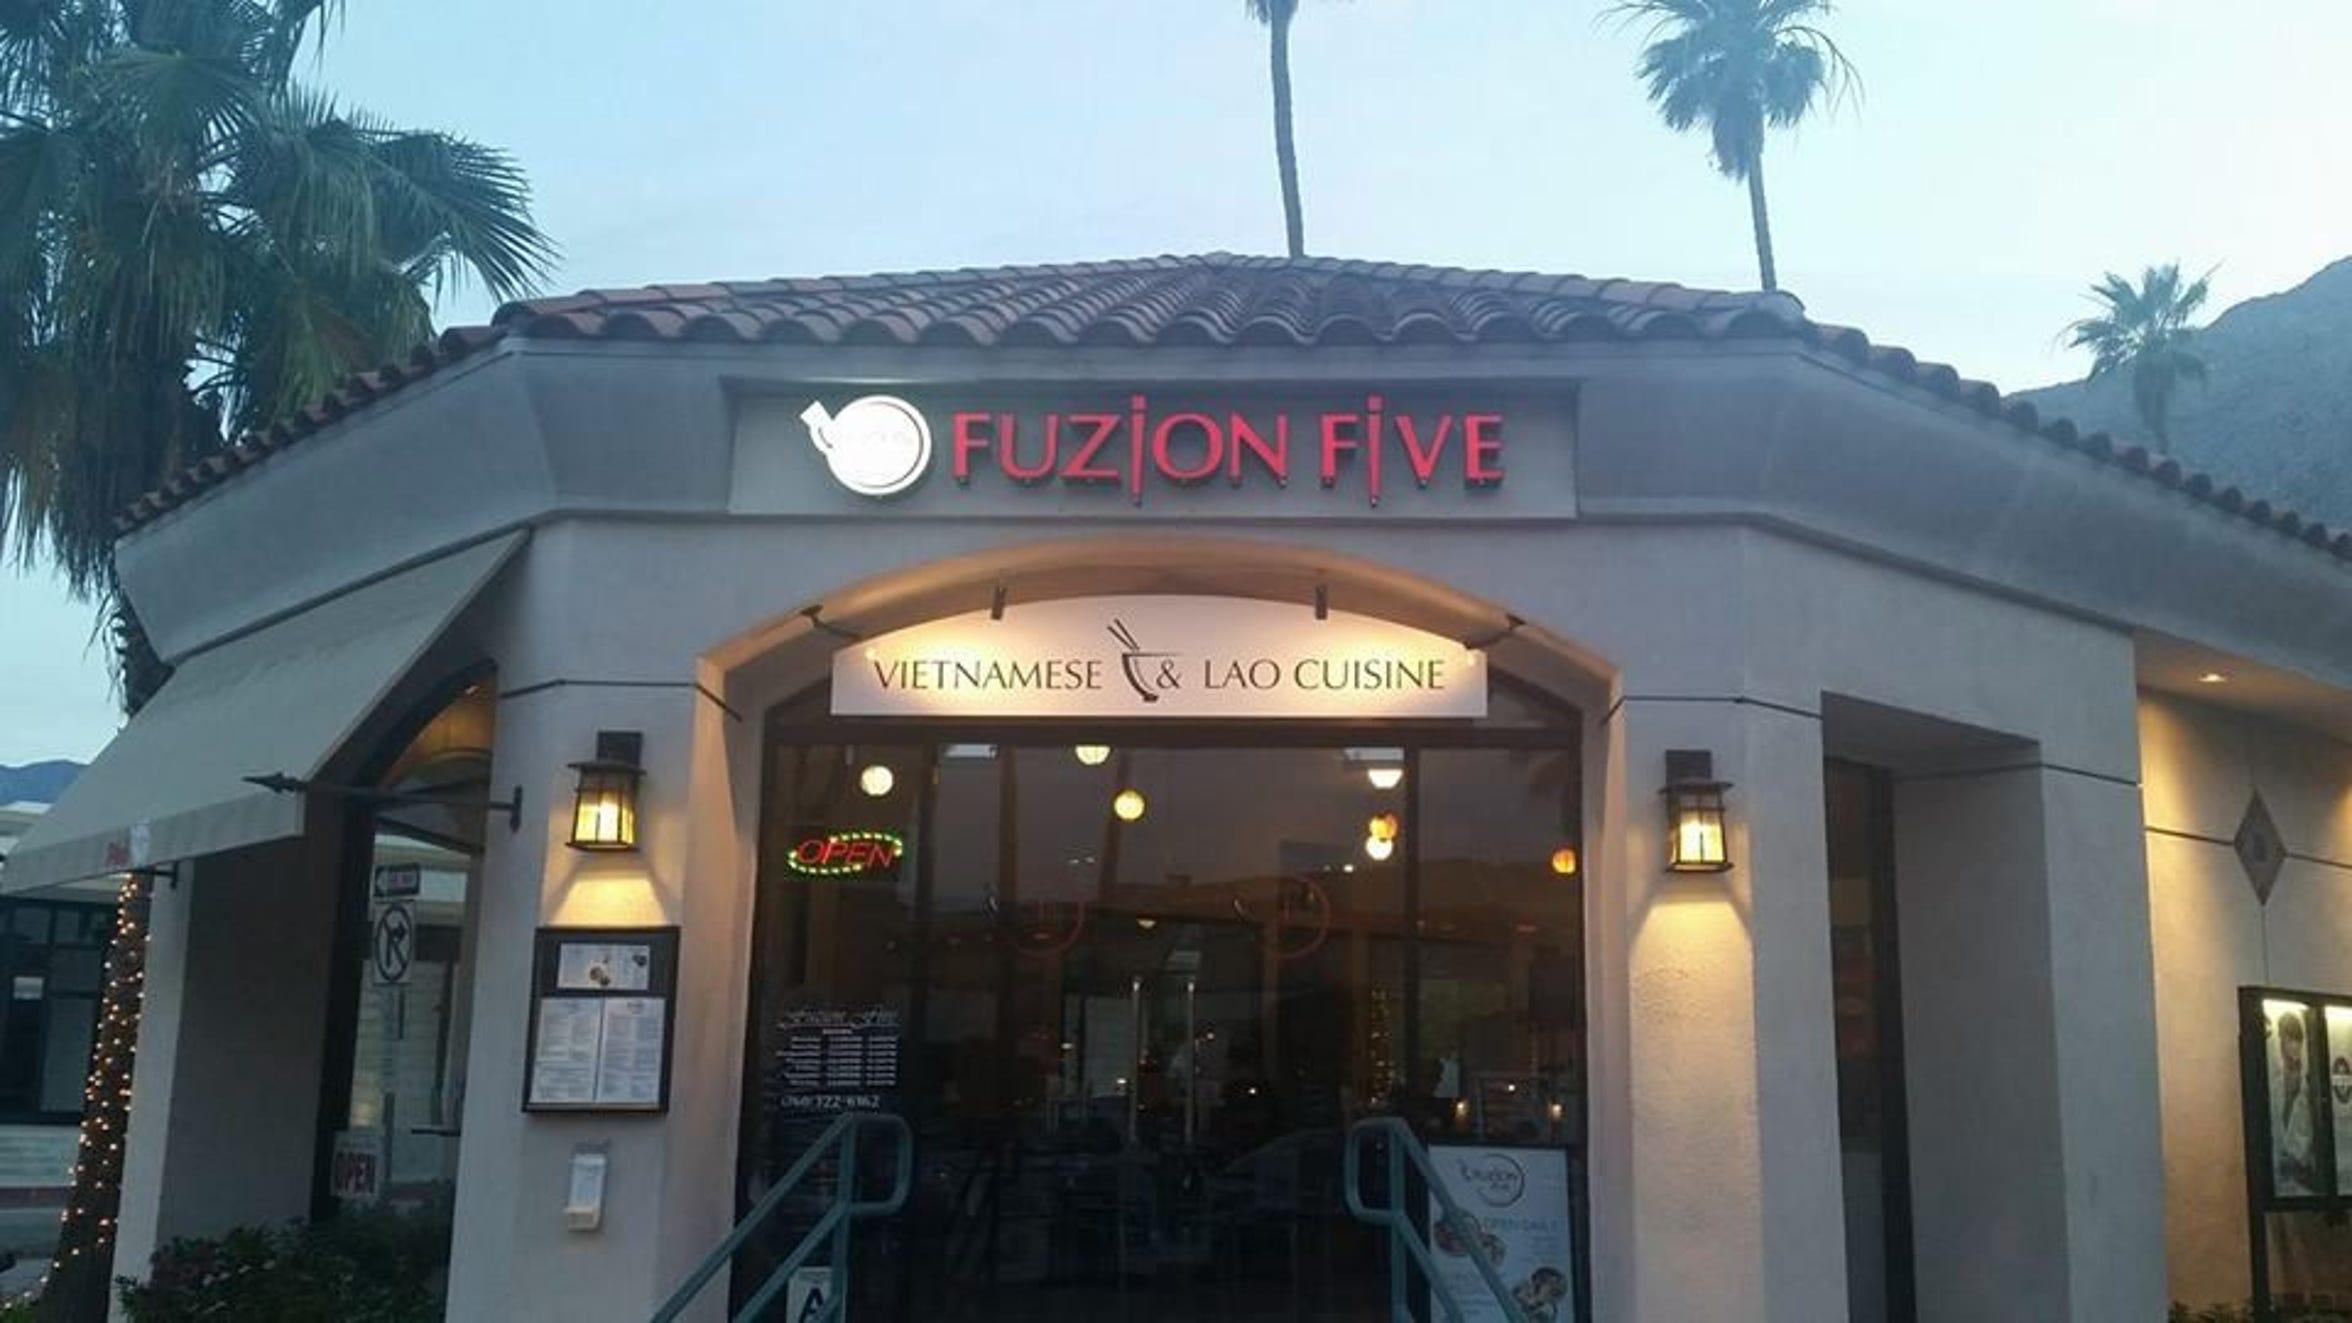 Fuzion Five.